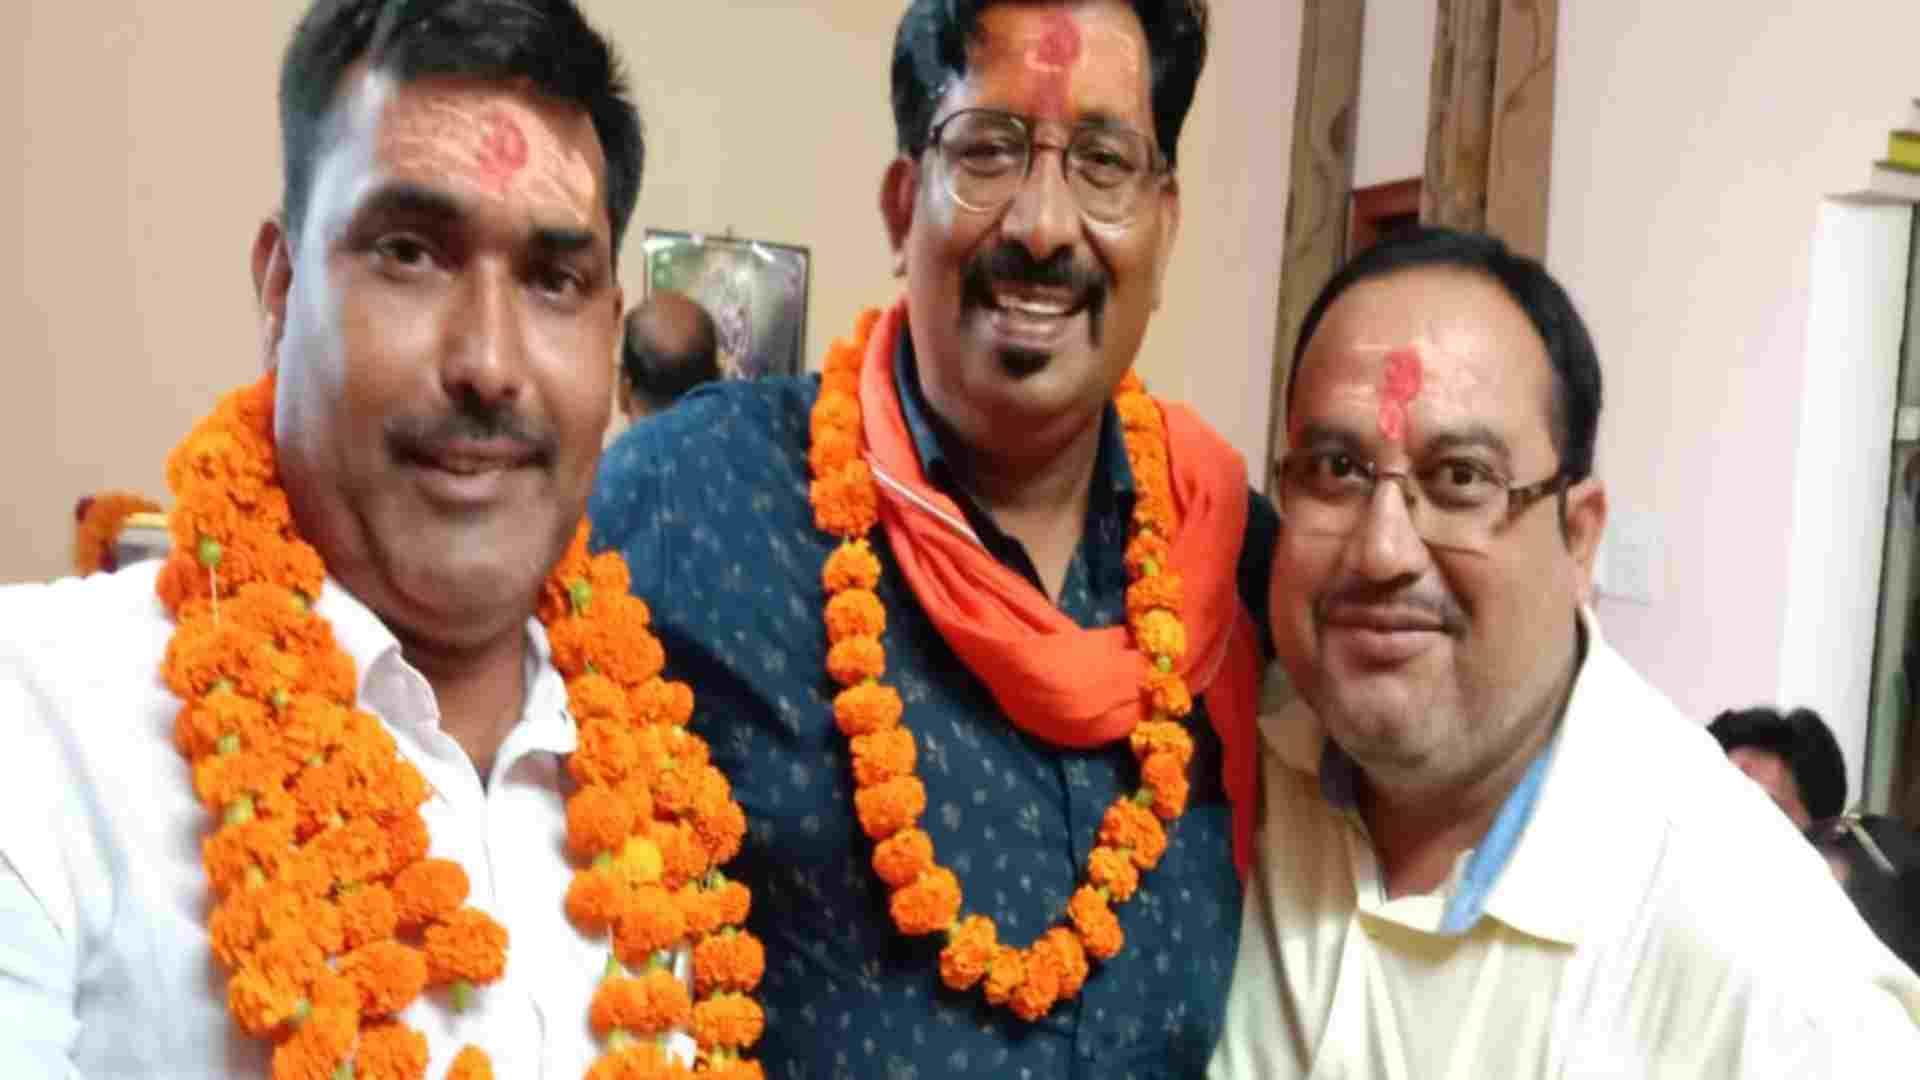 ब्राह्मण स्वयंसेवक संघ के प्रदेश कार्यकारिणी की बैठक